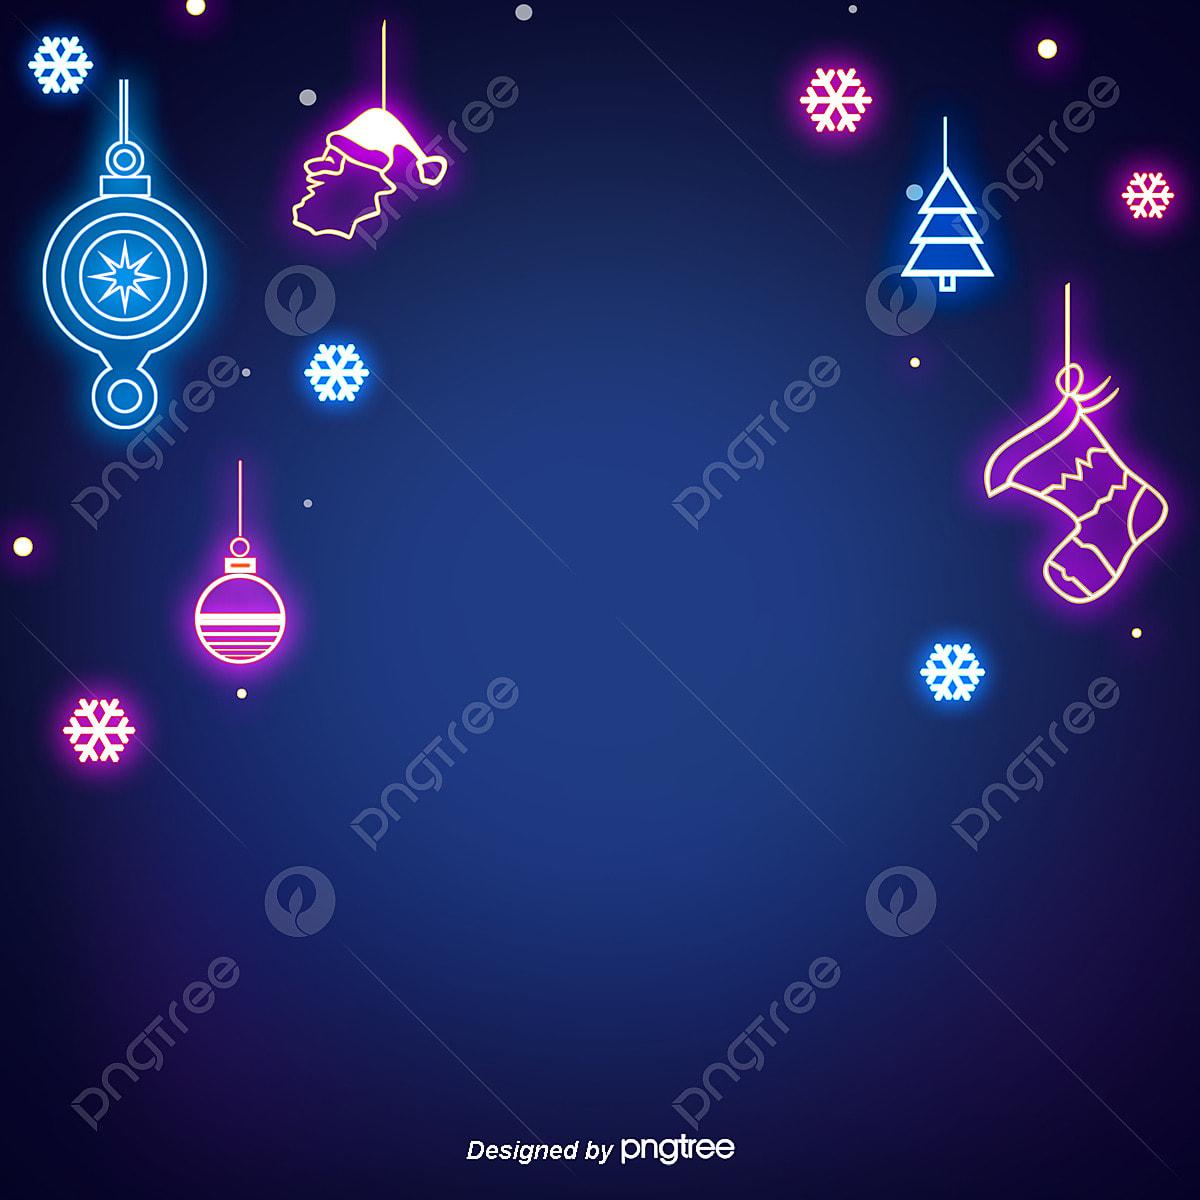 gambar lampu neon png vektor psd dan clipart dengan latar belakang transparan untuk download gratis pngtree https id pngtree com freepng the pattern of the elements in the neon lights 3740015 html